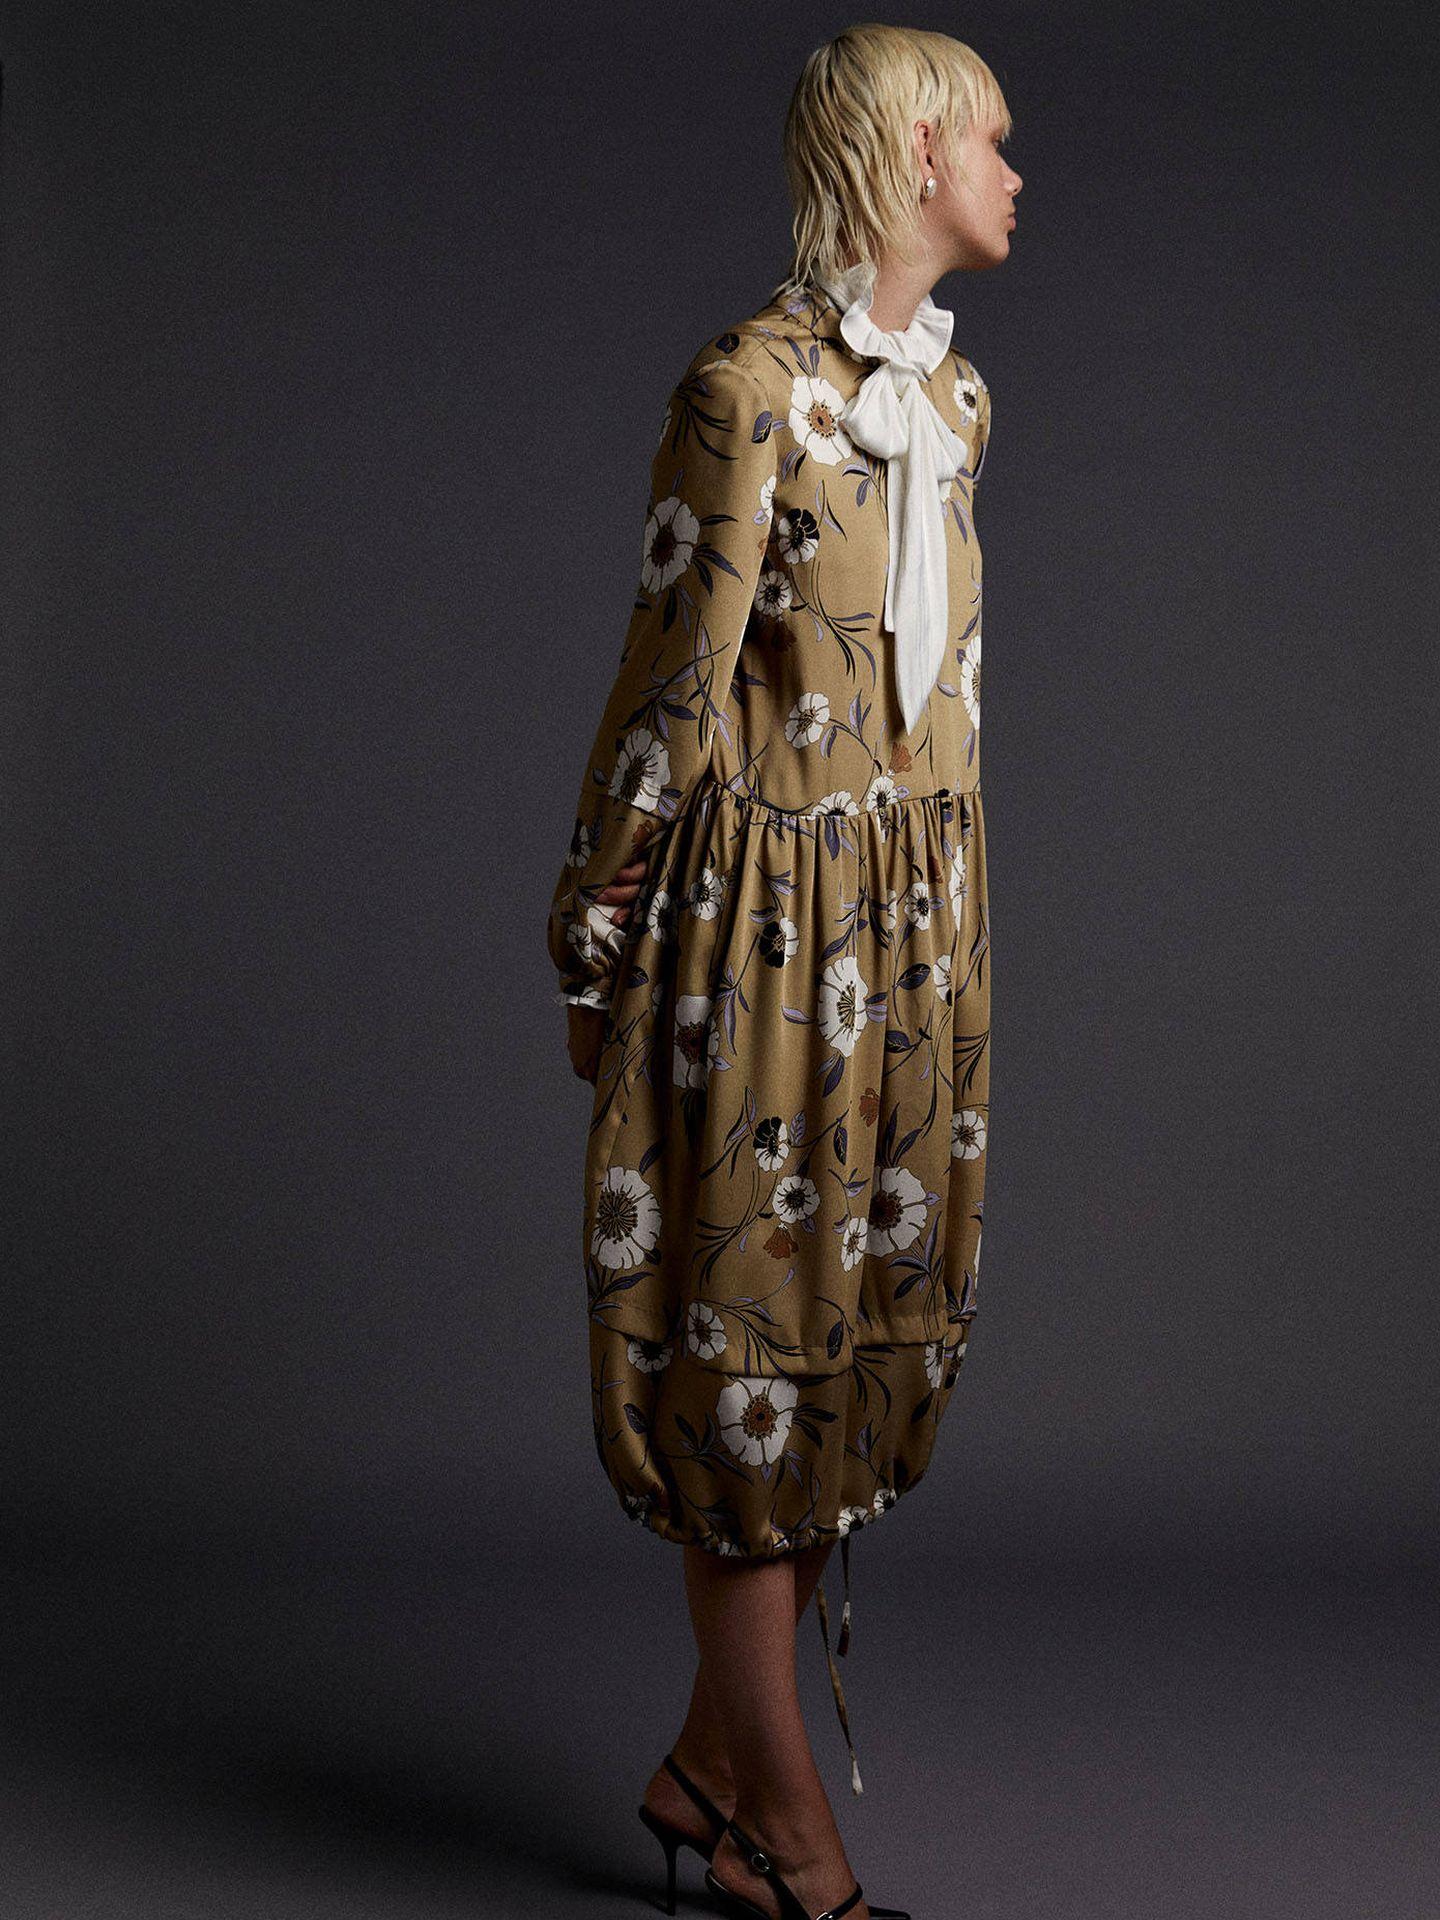 El vestido de Sfera. (Cortesía)